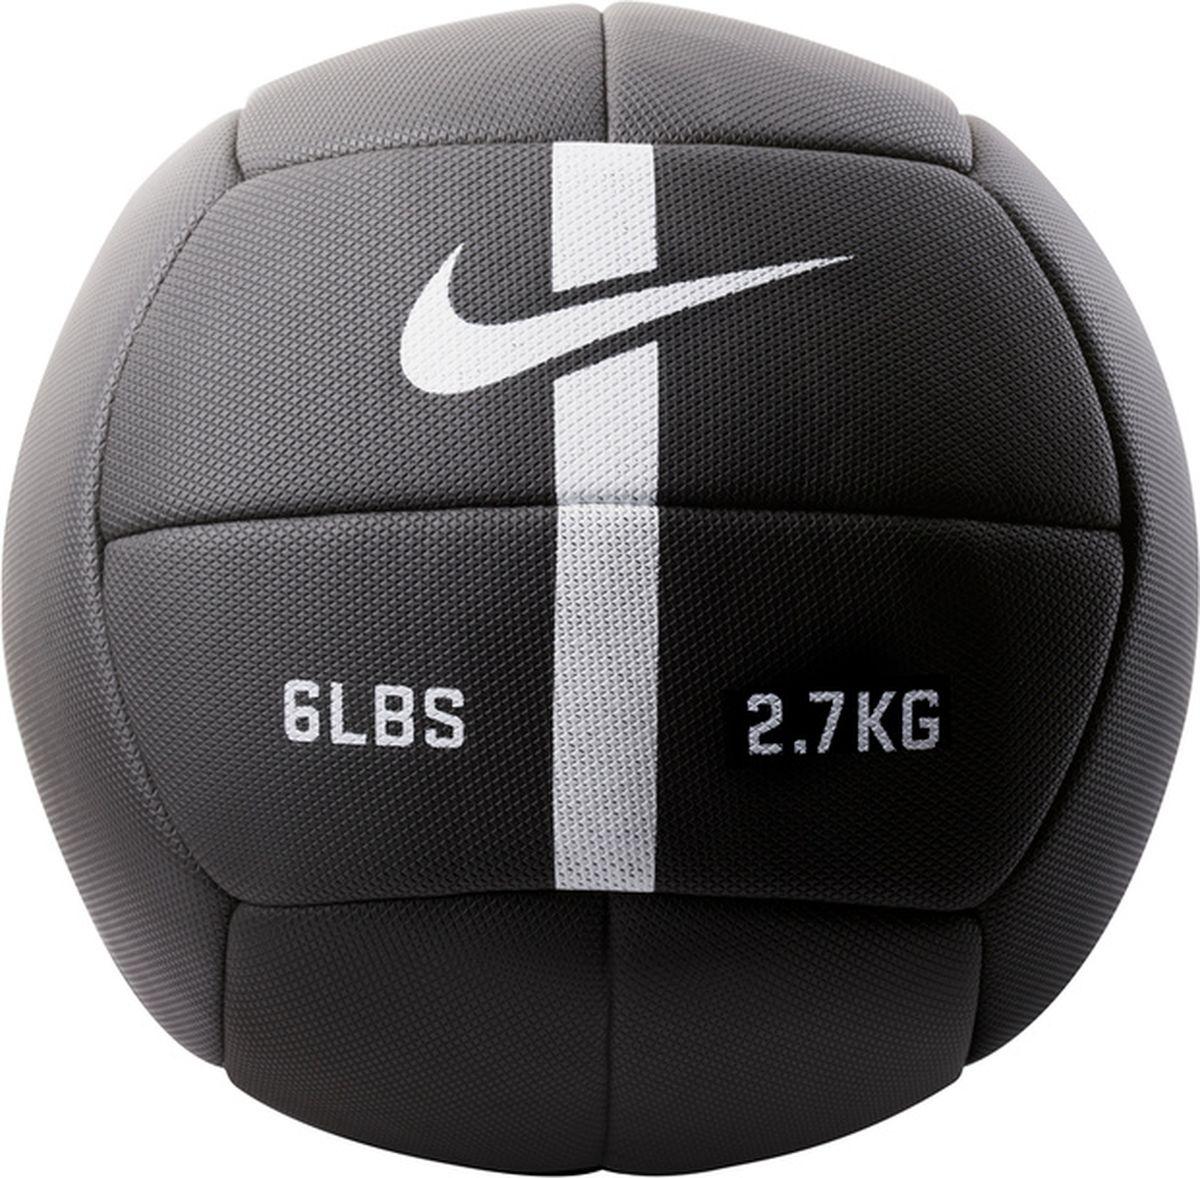 Мяч для фитнеса Nike Strength Training Ball, цвет: черный, белый. N.EW.04.010.NS мяч баскетбольный nike skills цвет пурпурный черный белый размер 3